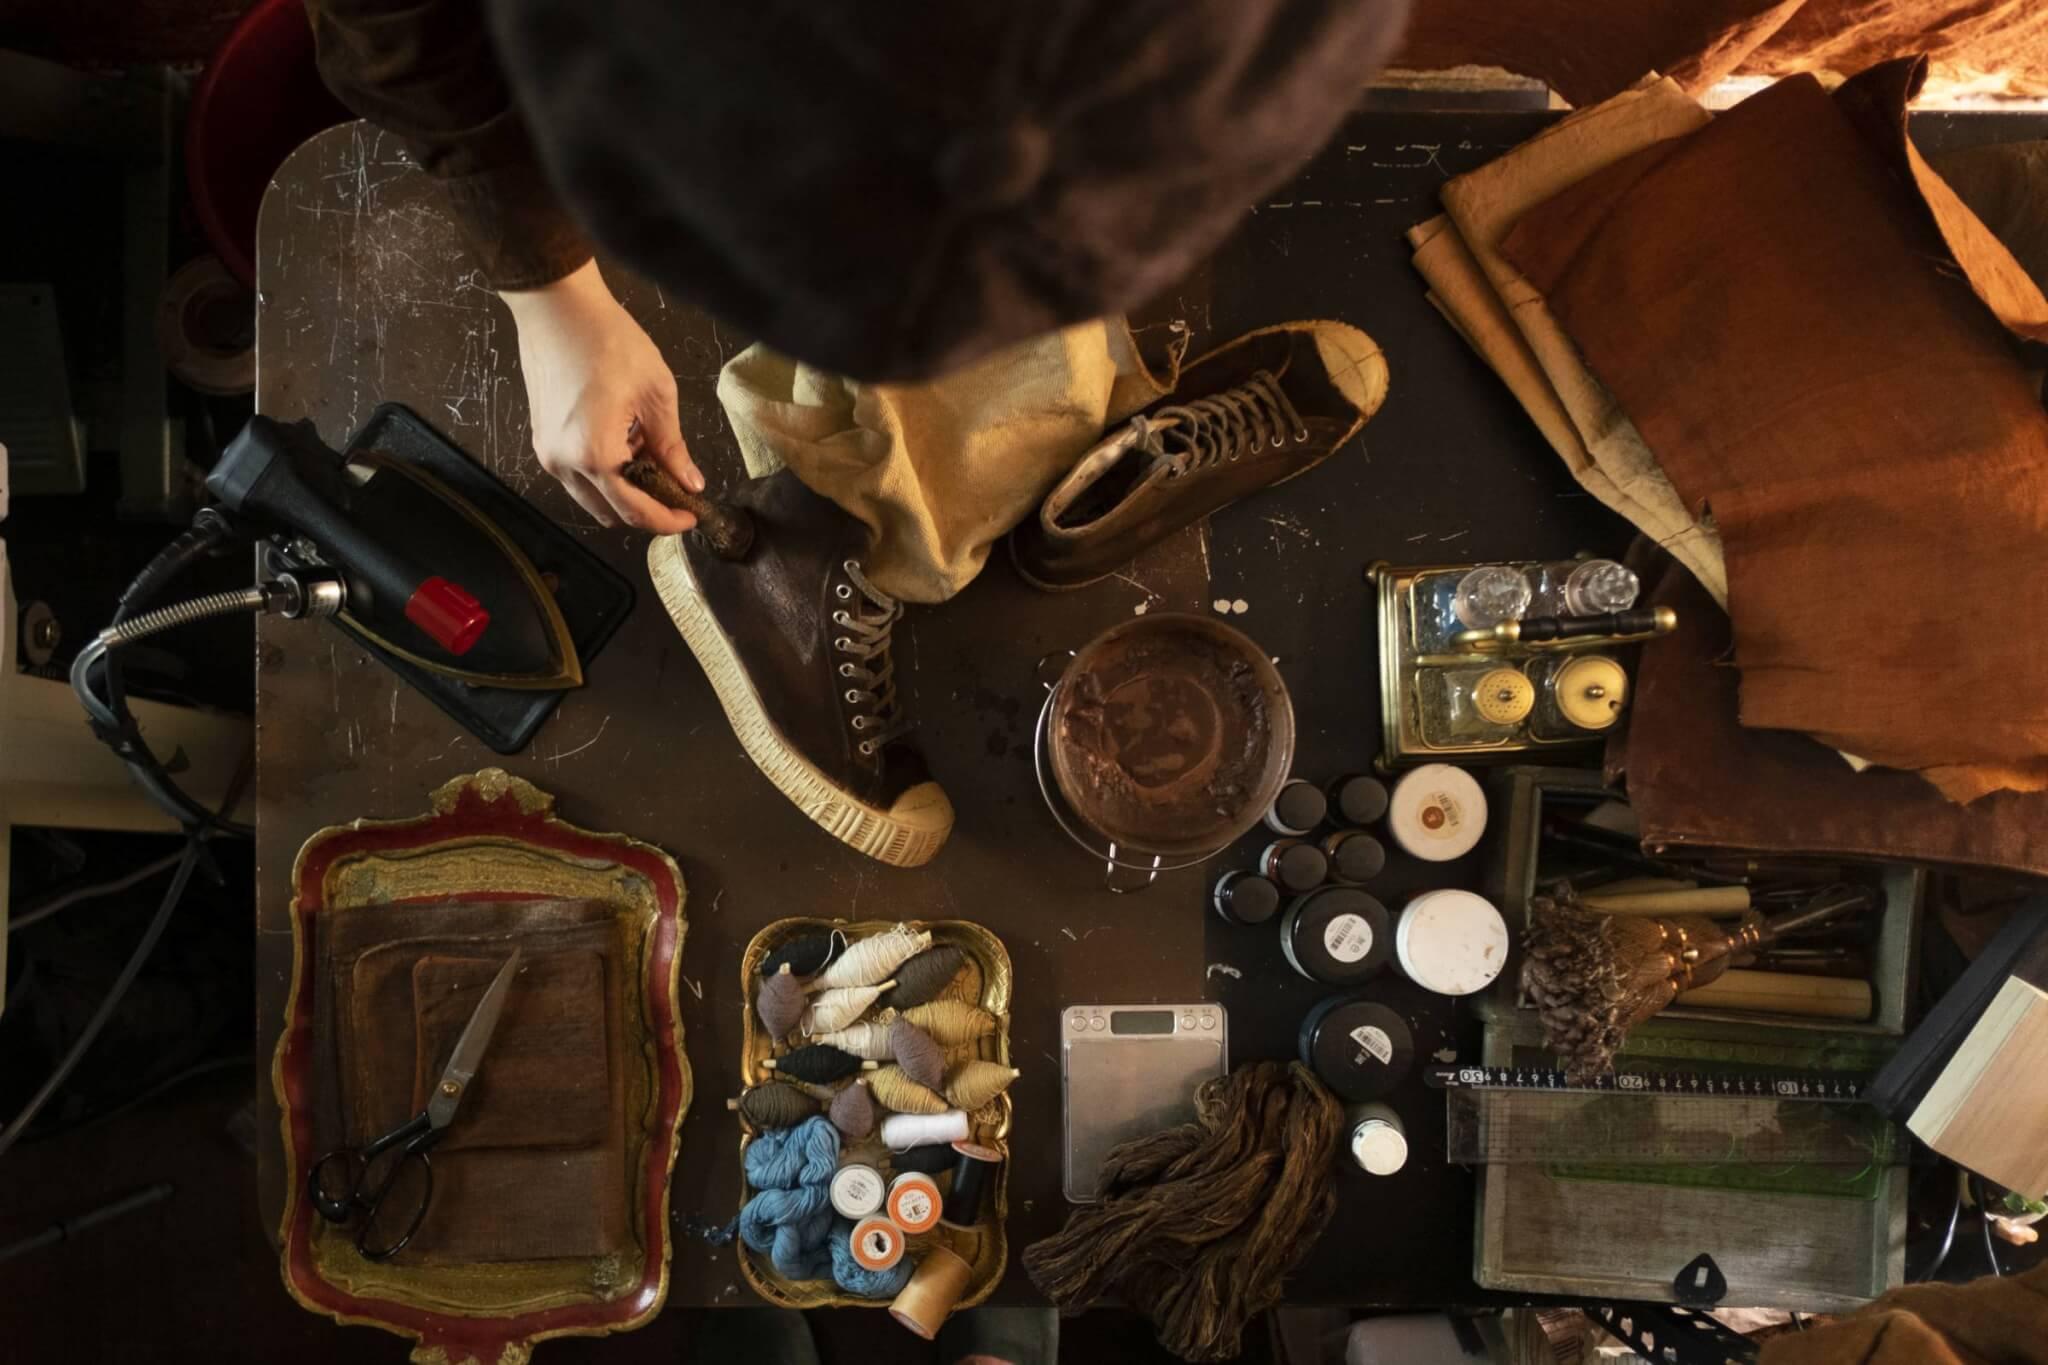 安加俊的工作室很小,由切薯莨、設計、衣後期加工都在這張工作 枱上完成。